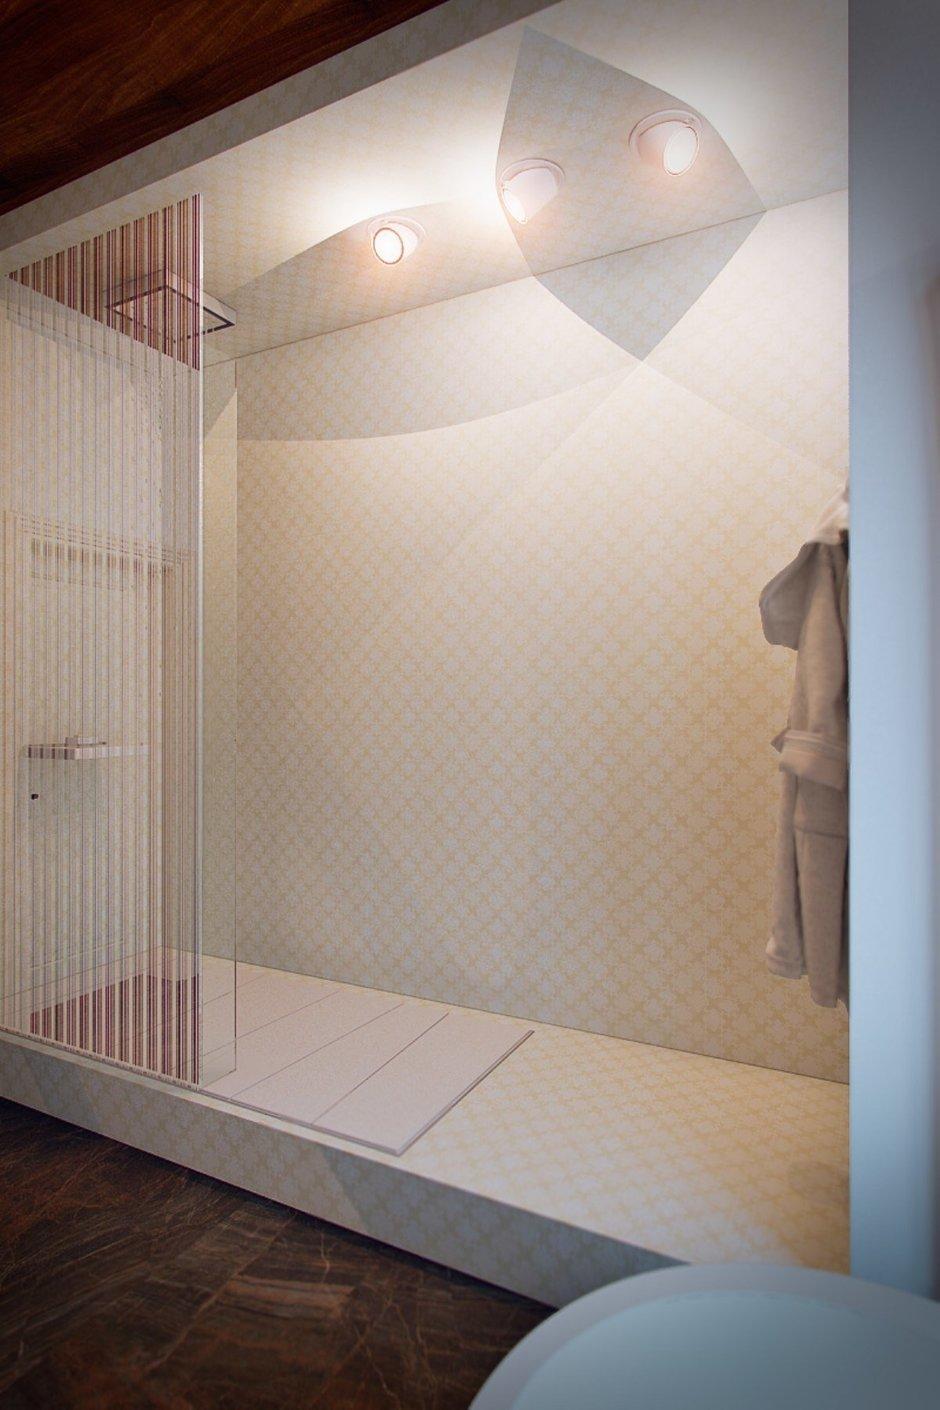 Фотография: Ванная в стиле Лофт, Современный, Дом, Минимализм, Проект недели, Эко – фото на InMyRoom.ru